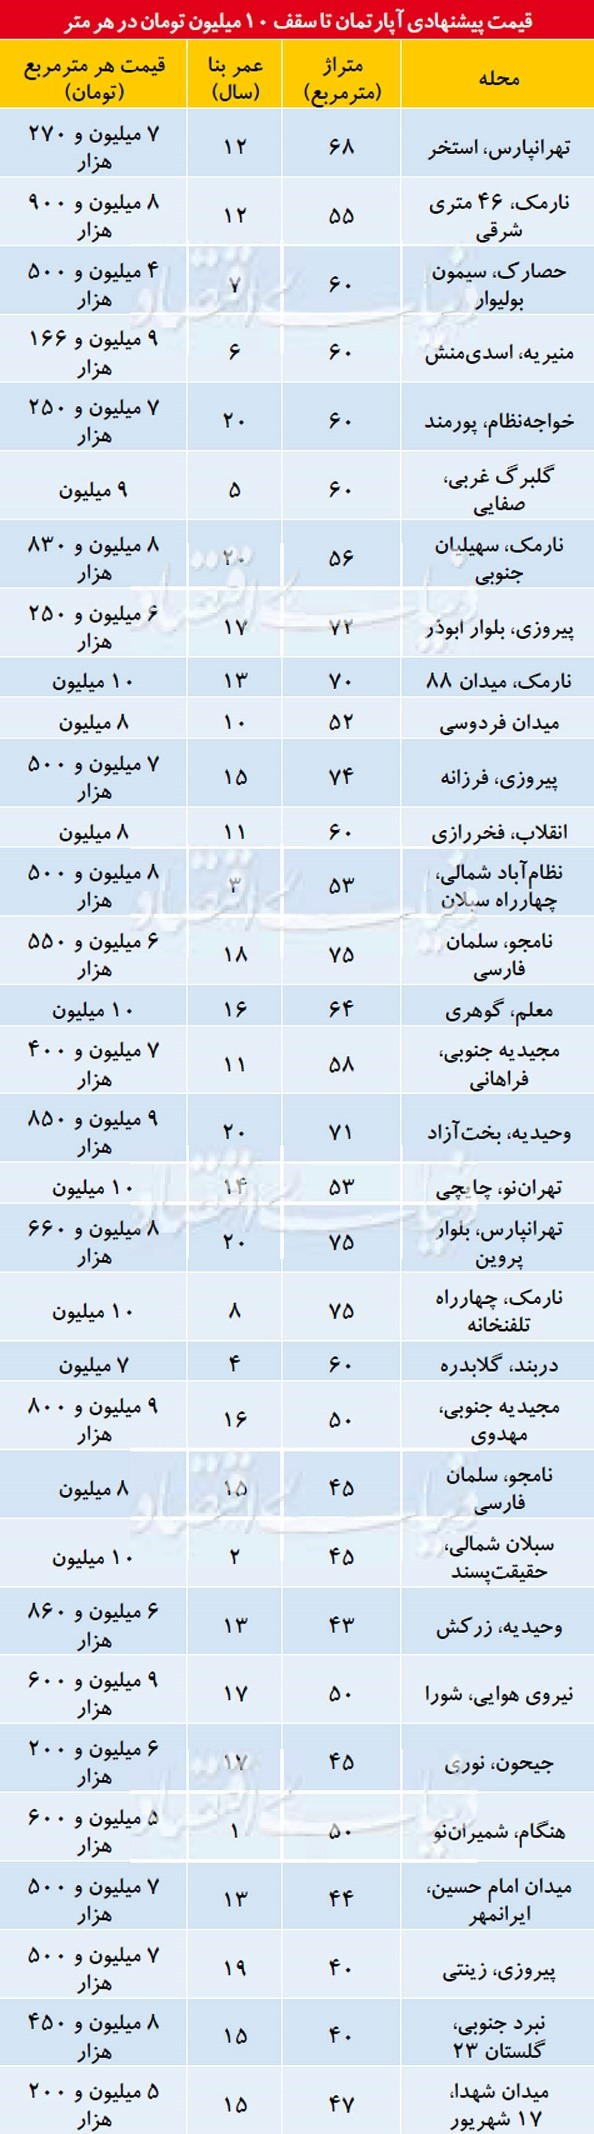 قیمت آپارتمان در بخش های مختلف تهران